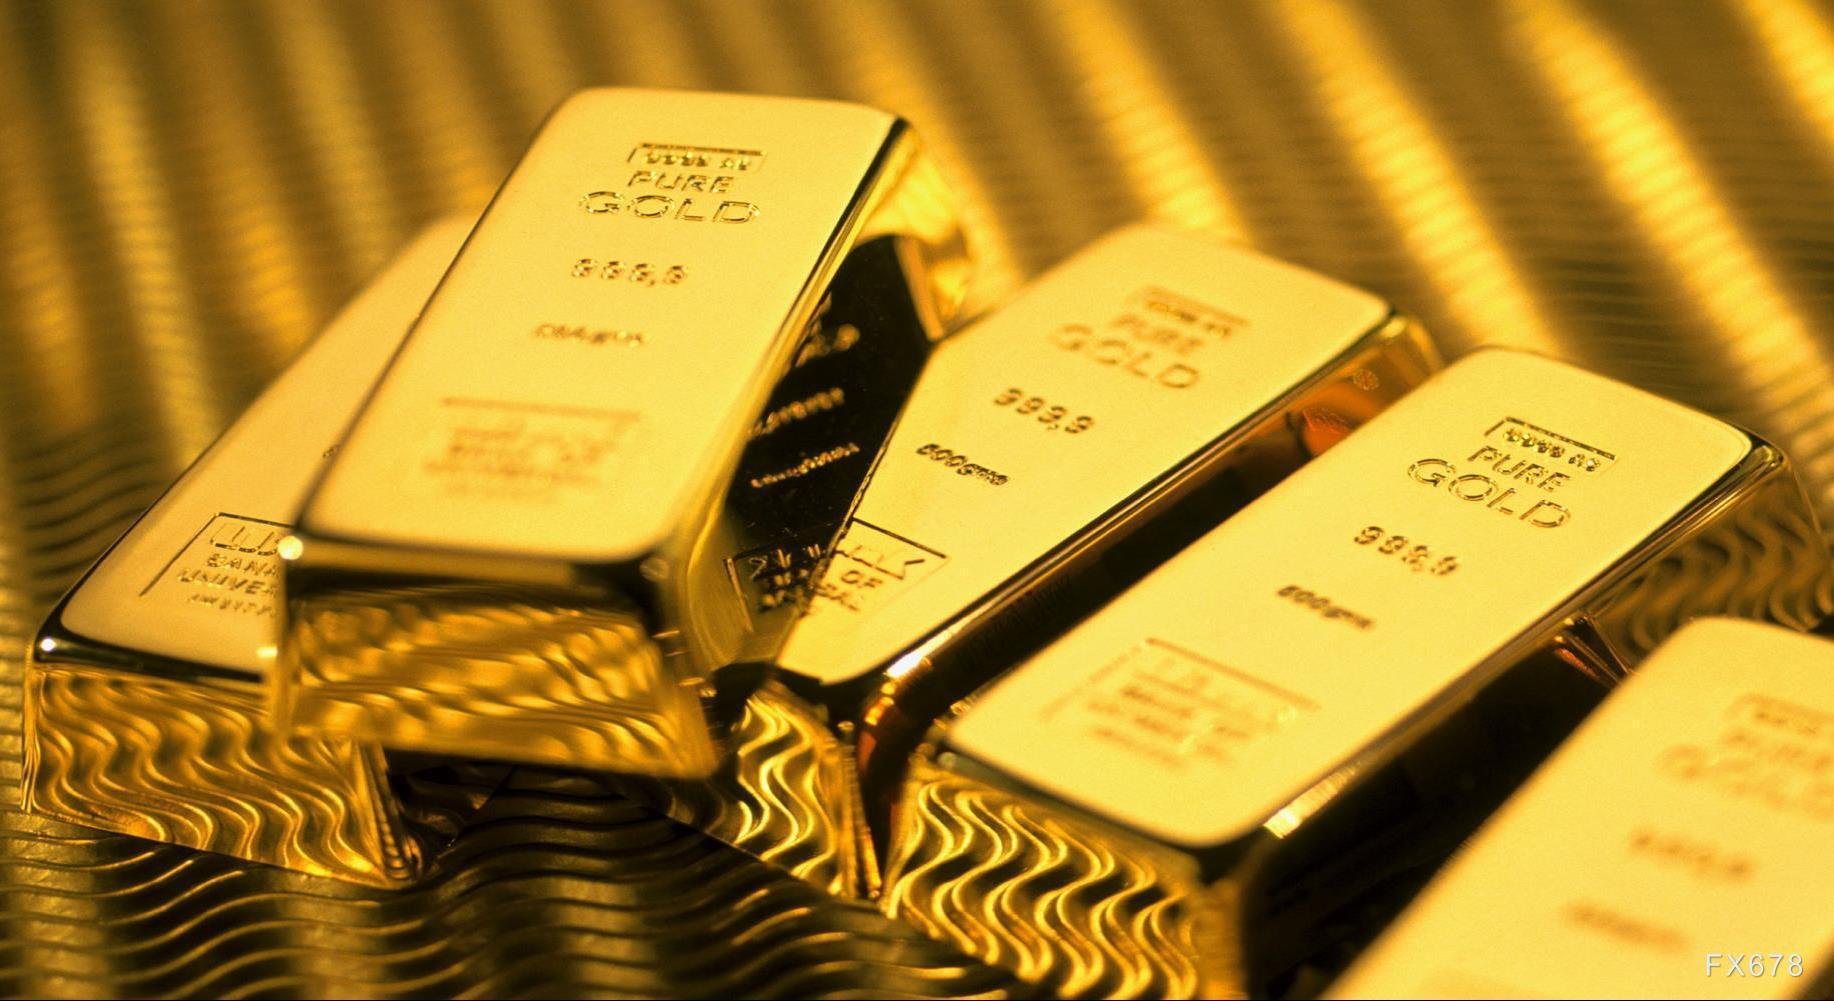 黄金交易提醒:全球债务飚至GDP的3.5倍!多头的机会可能要来